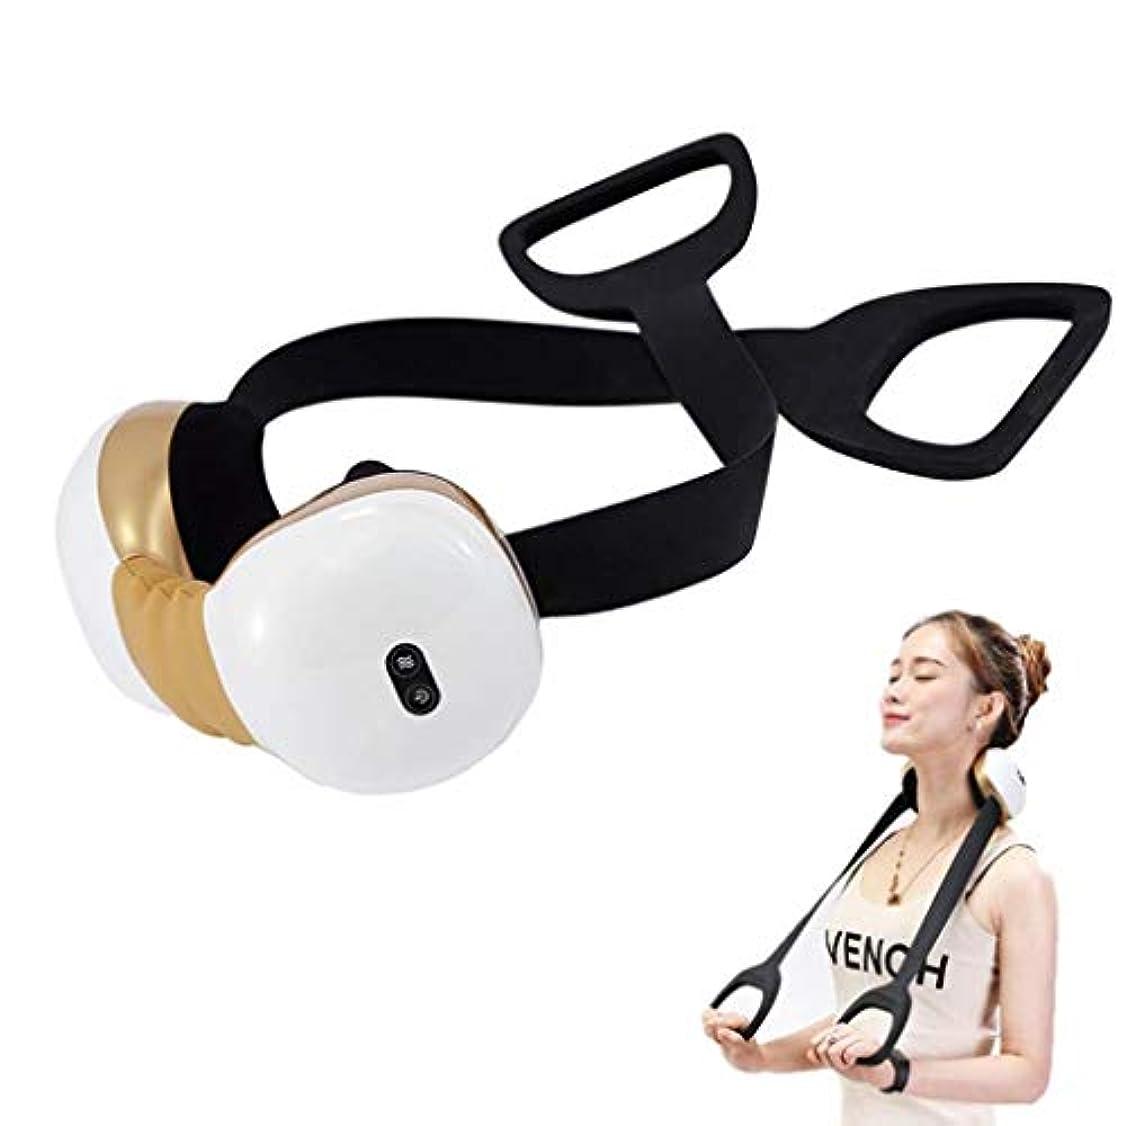 作成者病者輪郭電動ネックマッサージャー、子宮頸部マッサージャー、加熱/調整可能/USB充電、20分間の自動開閉機能、筋肉のリラックス、痛みと疲労の緩和